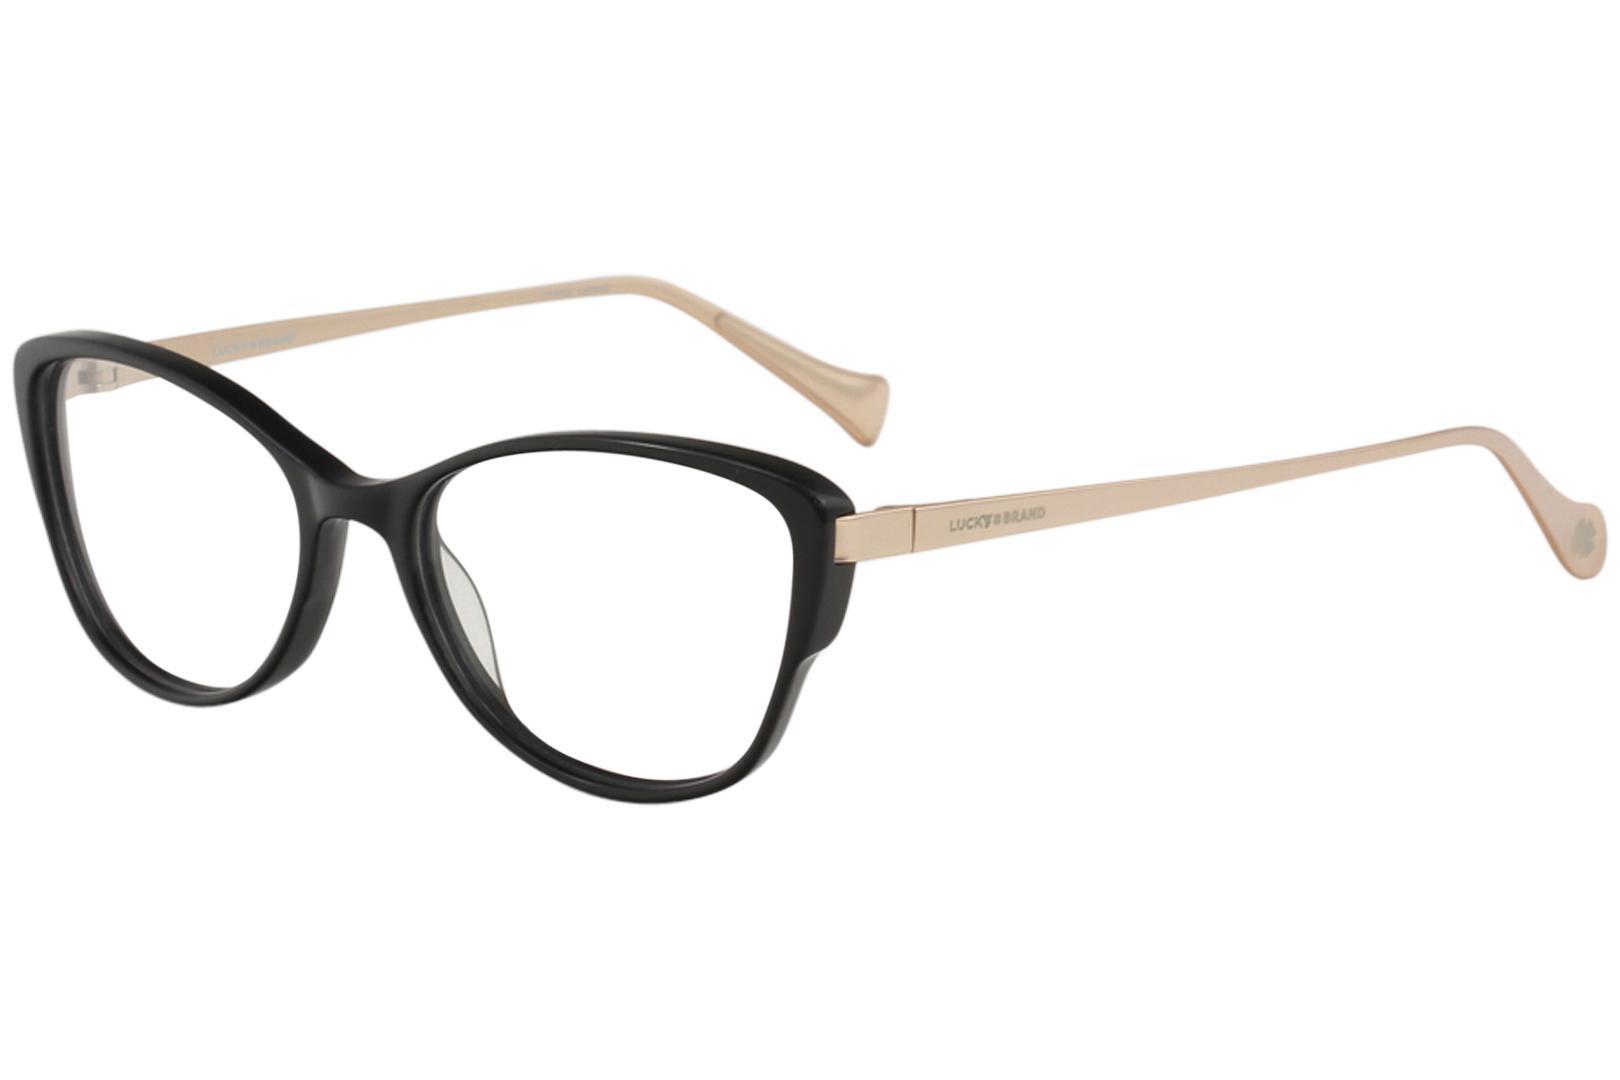 d61ef47a10e7 Lucky Brand Women s Eyeglasses D209 D 209 Full Rim Optical Frame